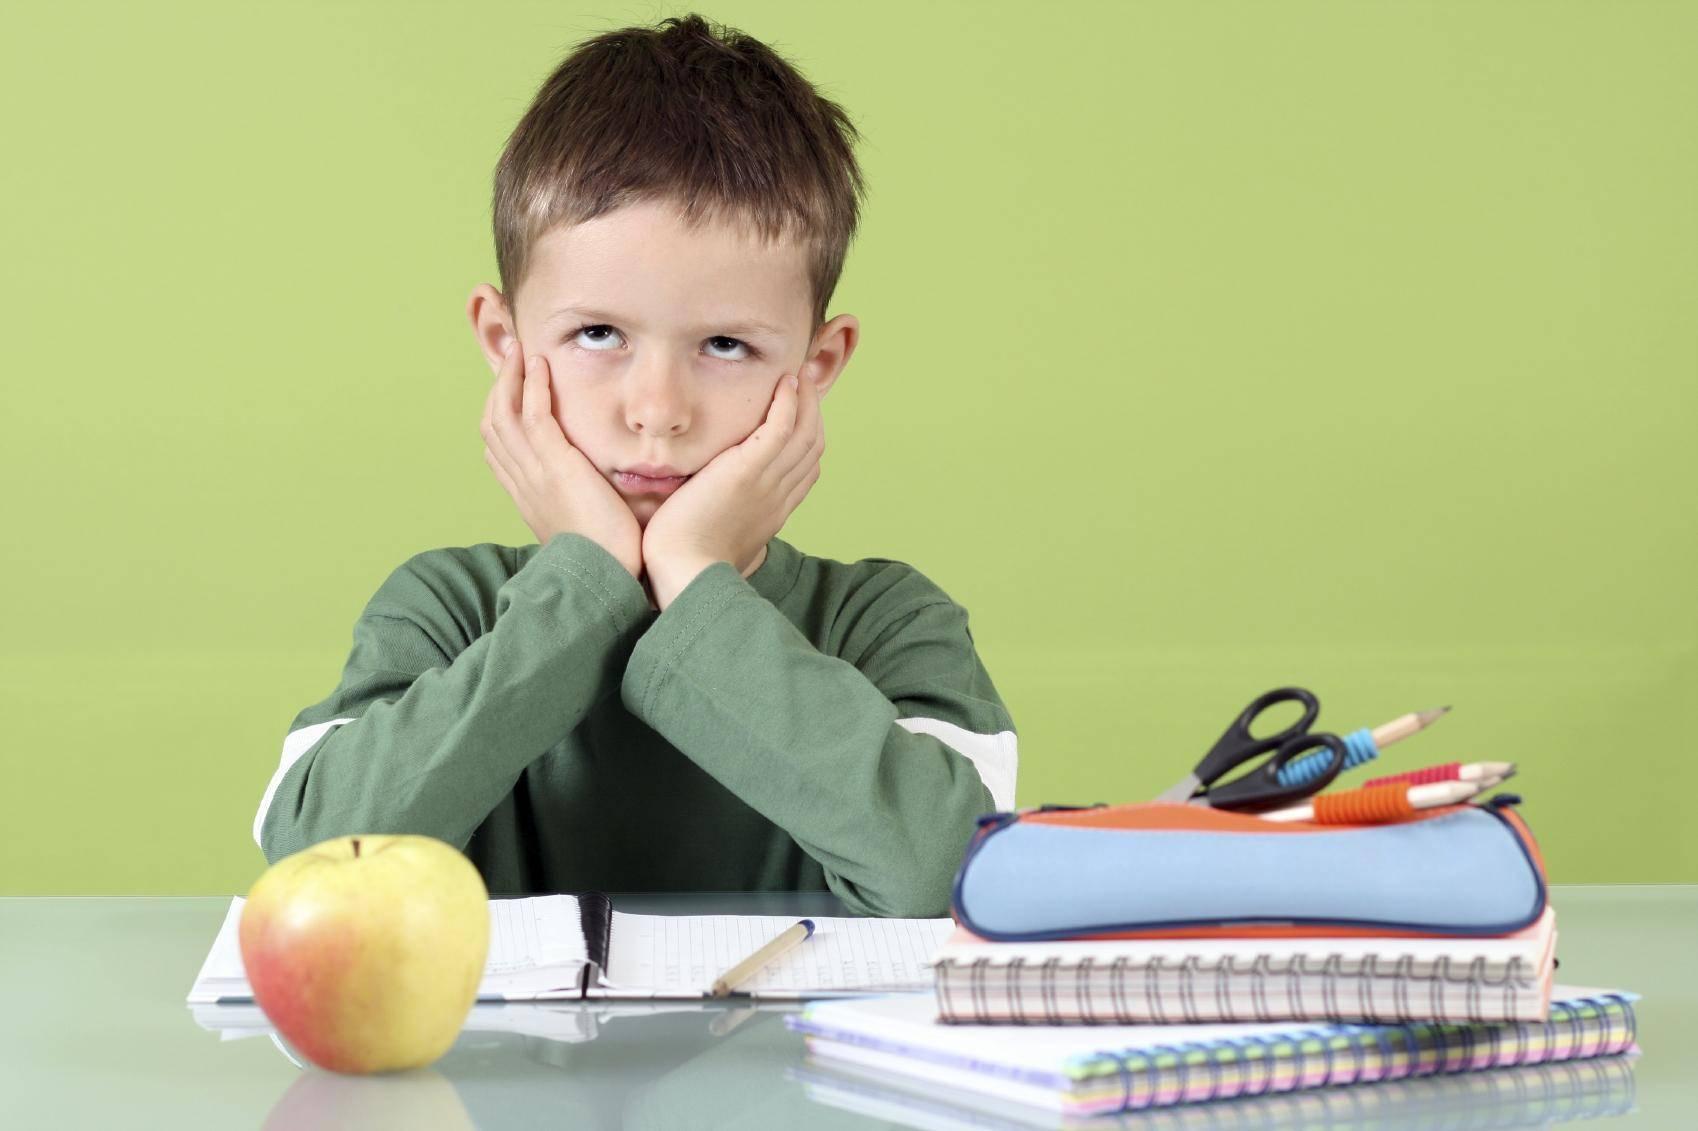 Πότε Εμφανίζεται η Σχολική Άρνηση;